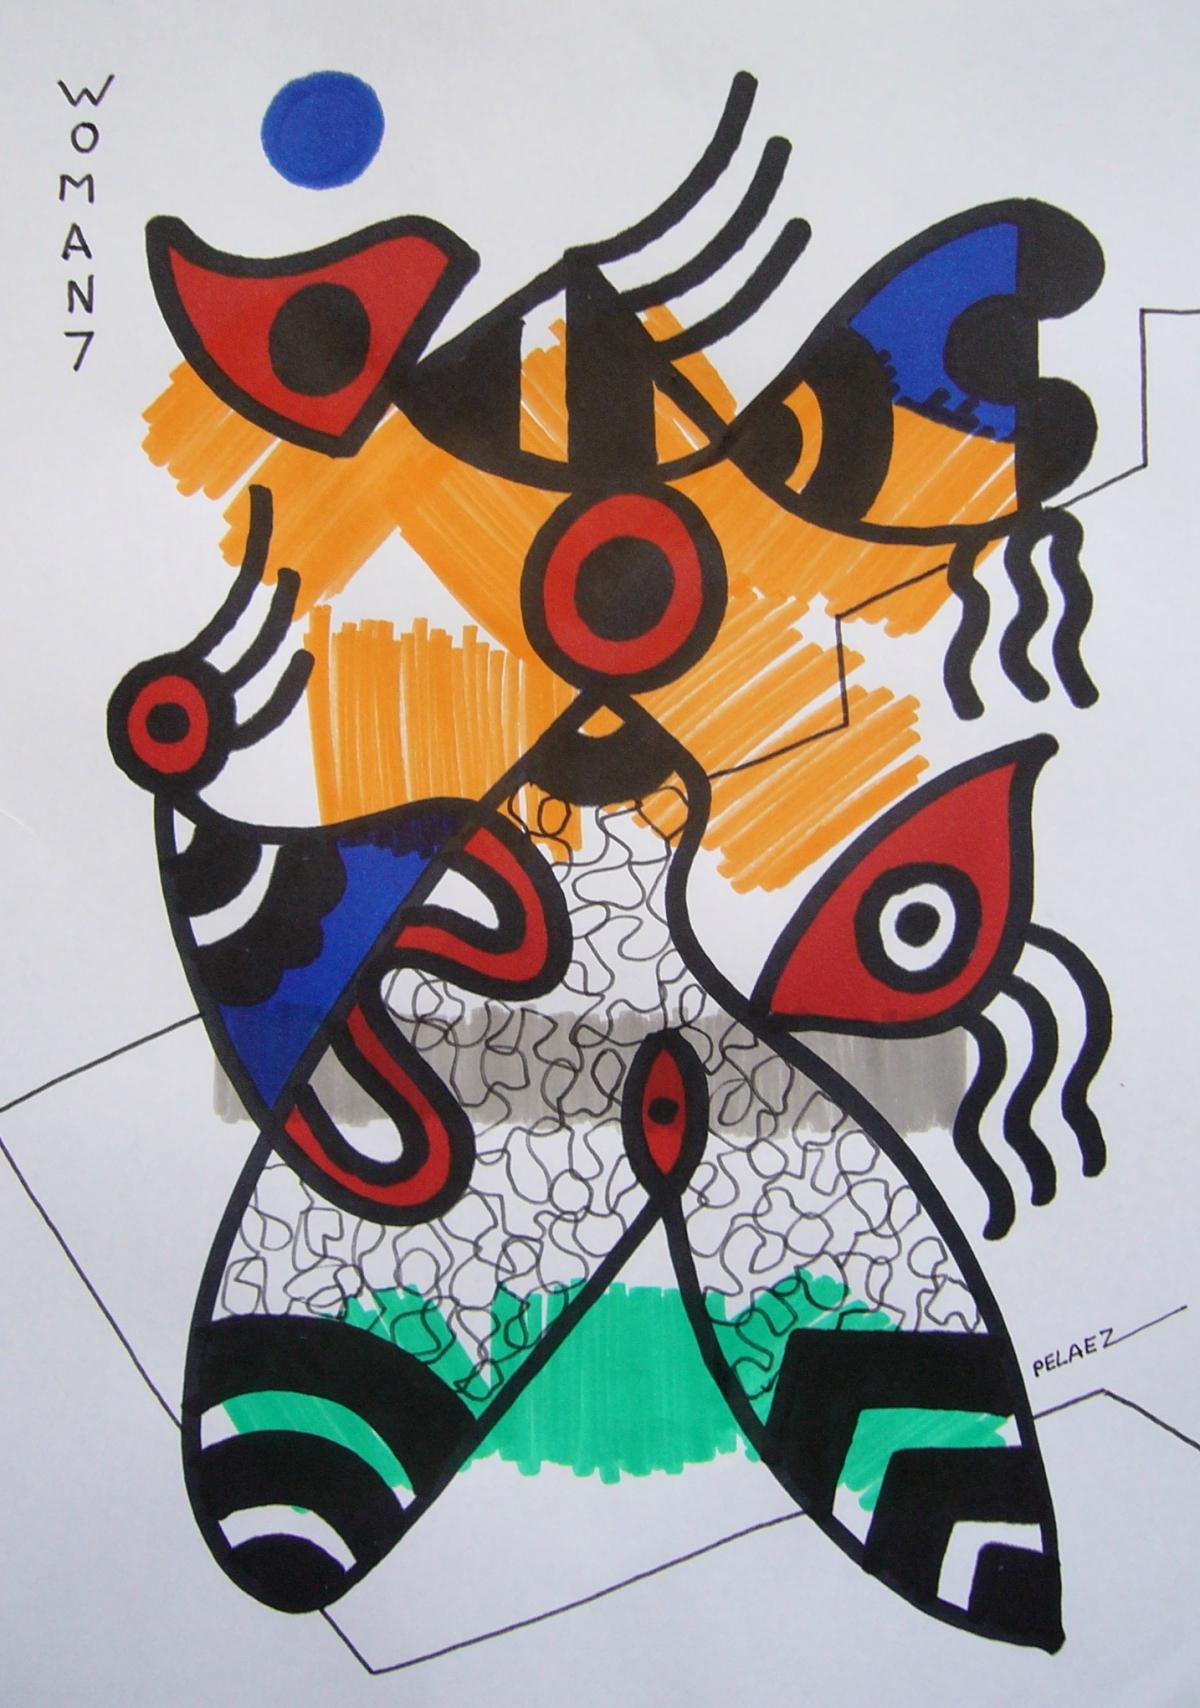 WOMAN7